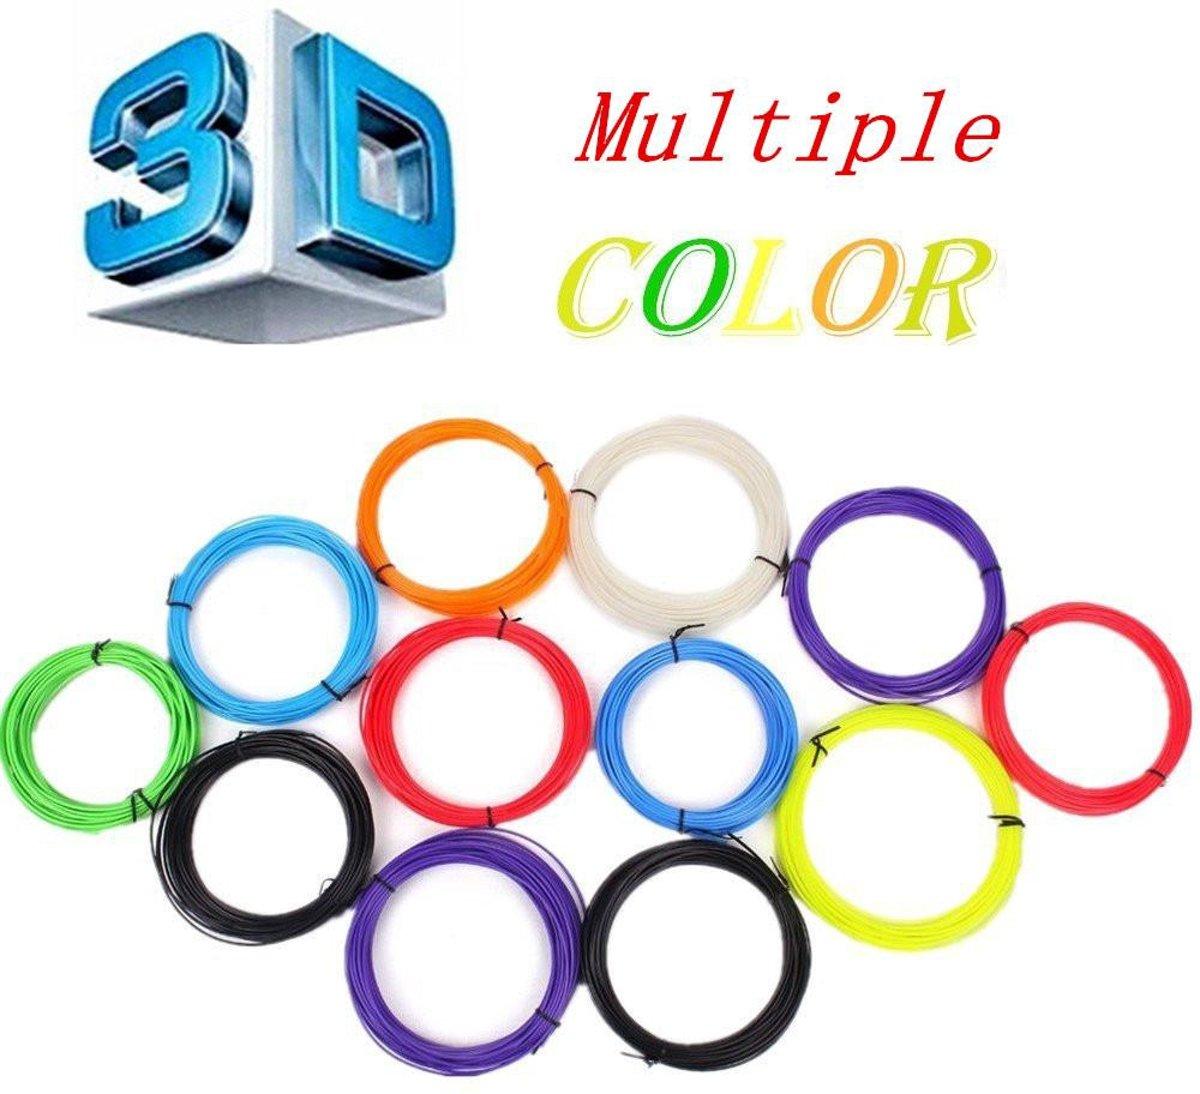 PLA Filament 3d voor printerpen  10x5 meter =50m 10 kleuren. Let op excl printer pen kopen